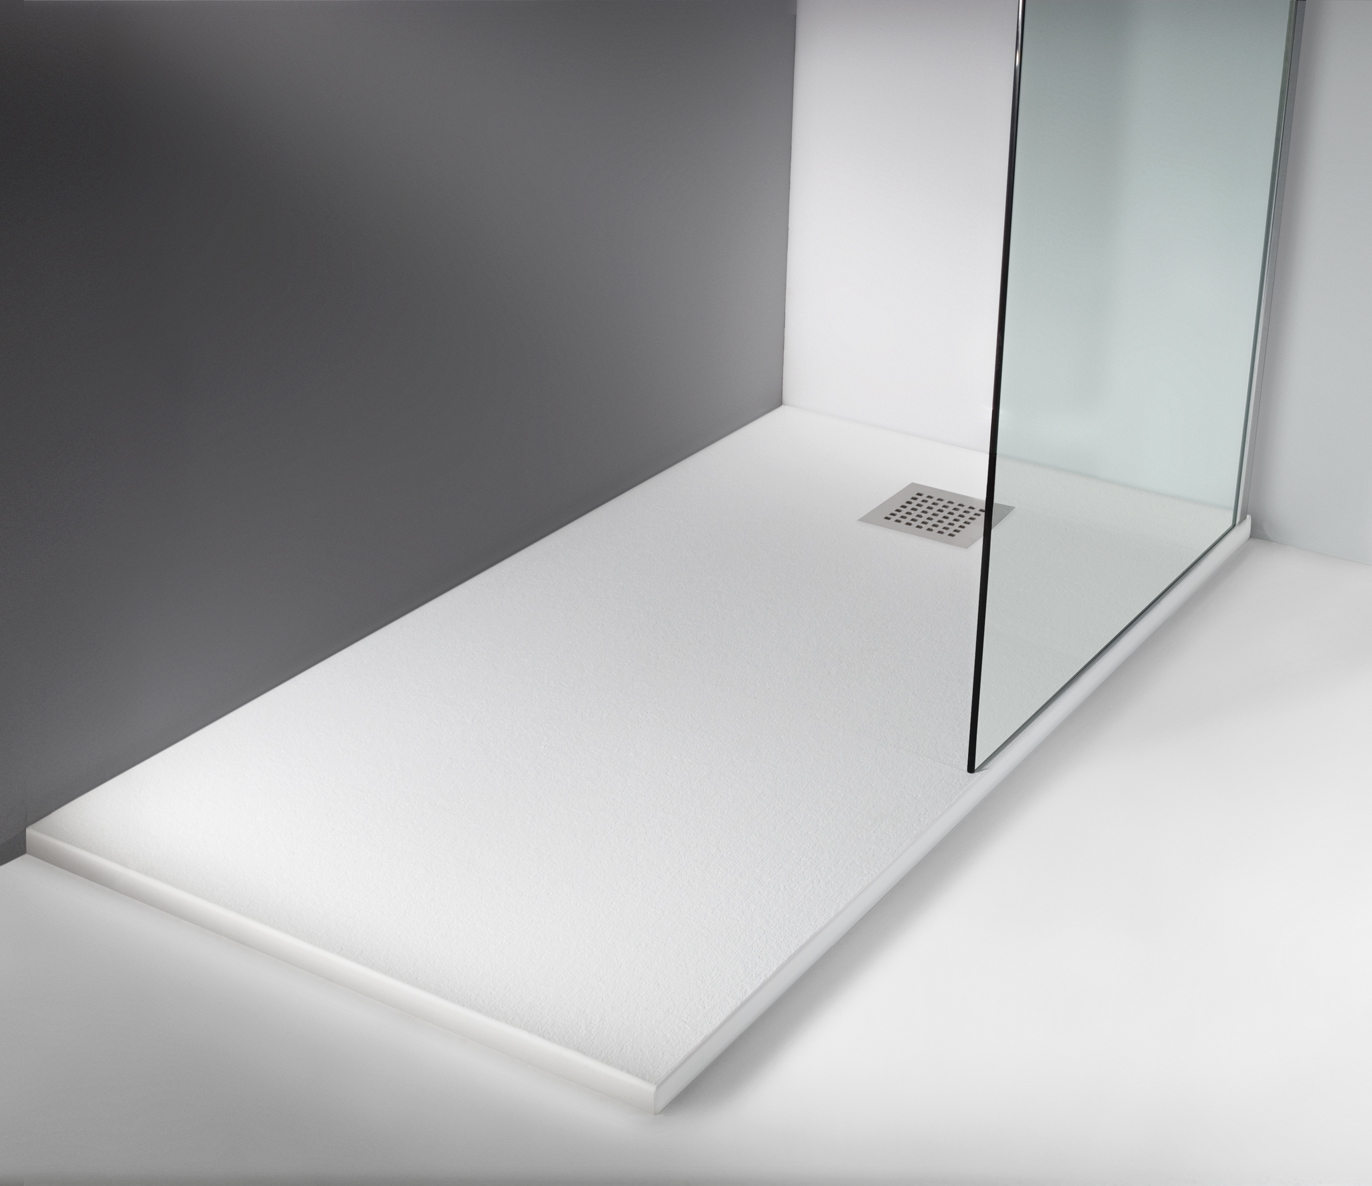 platos de ducha seguros